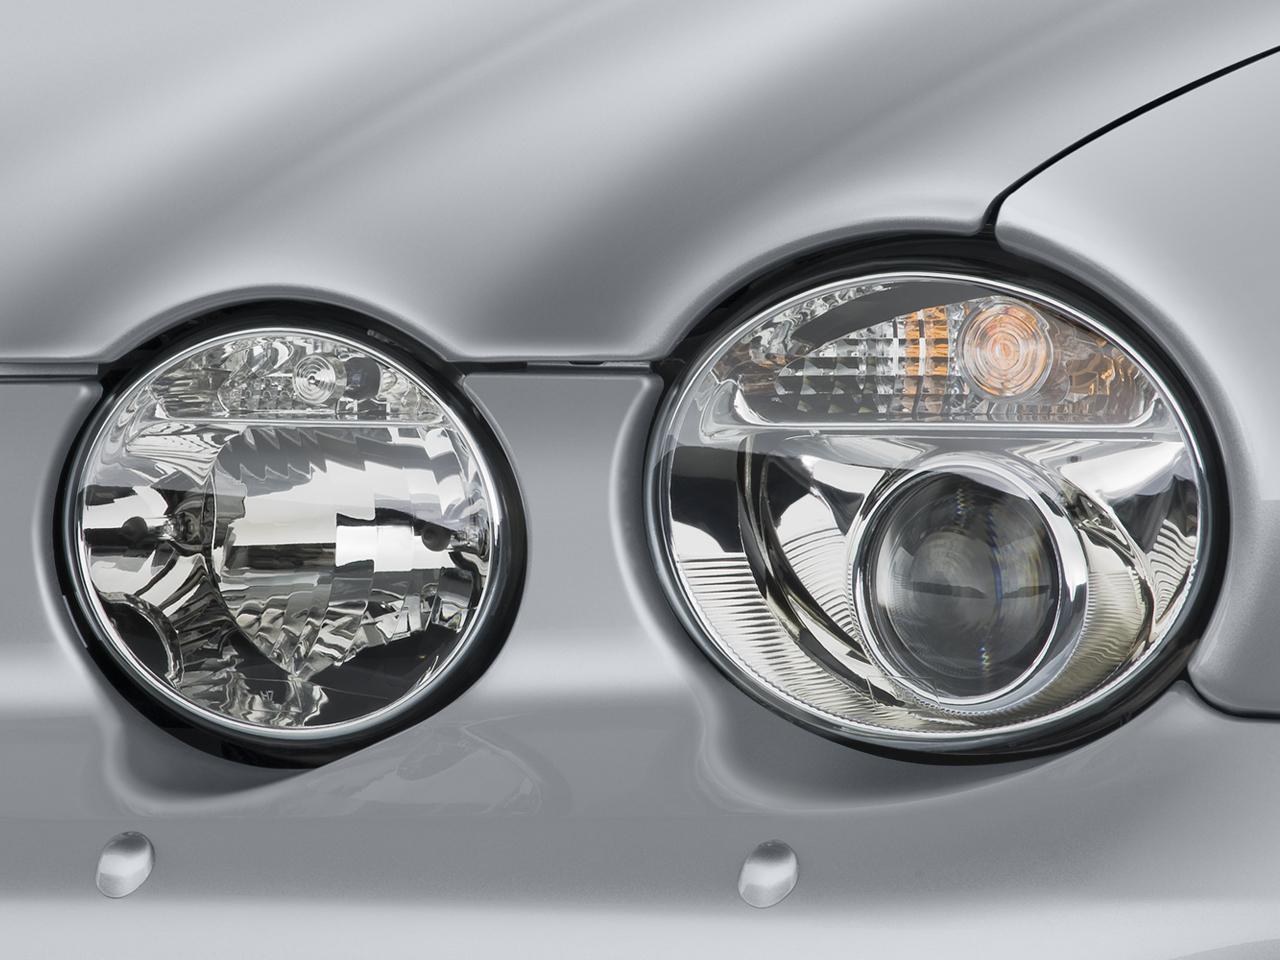 2008 Jaguar Xj Vanden Plas Luxury Sedan Review Automobile 2004 Xjr Supercharged Engine Diagram 50 100